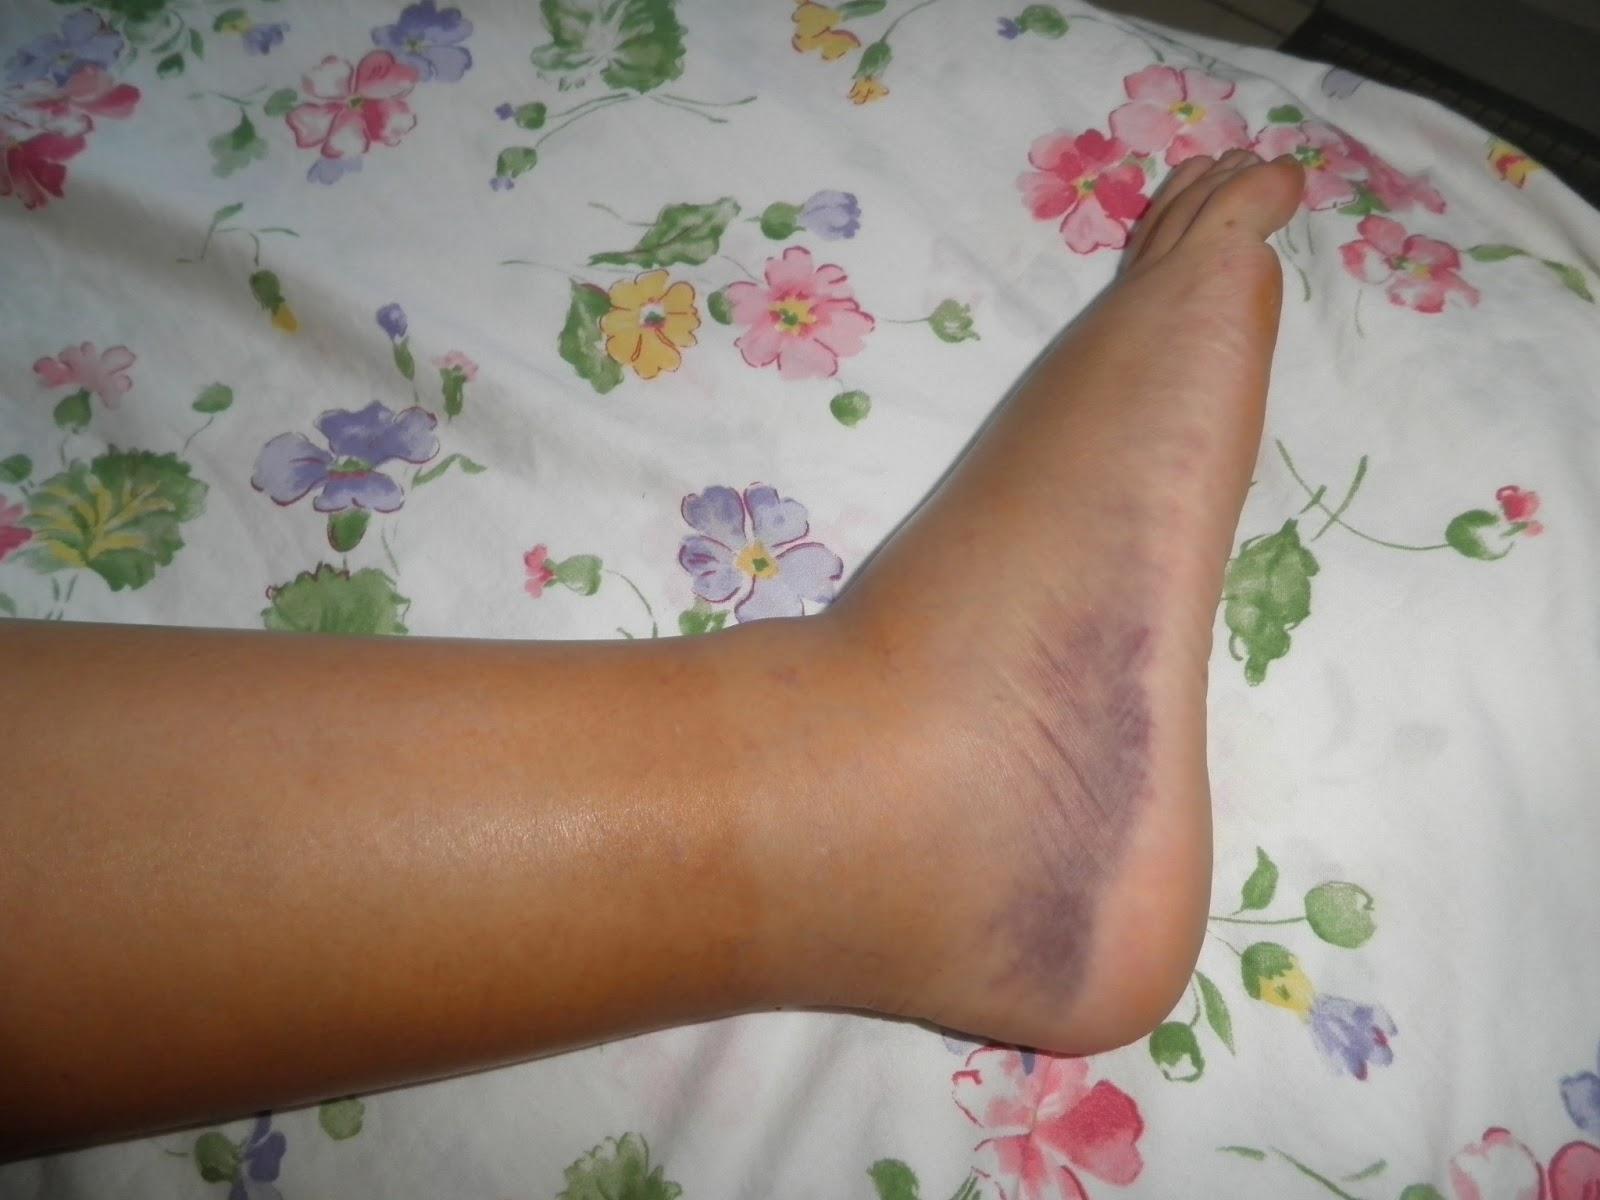 oedème du pied gauche